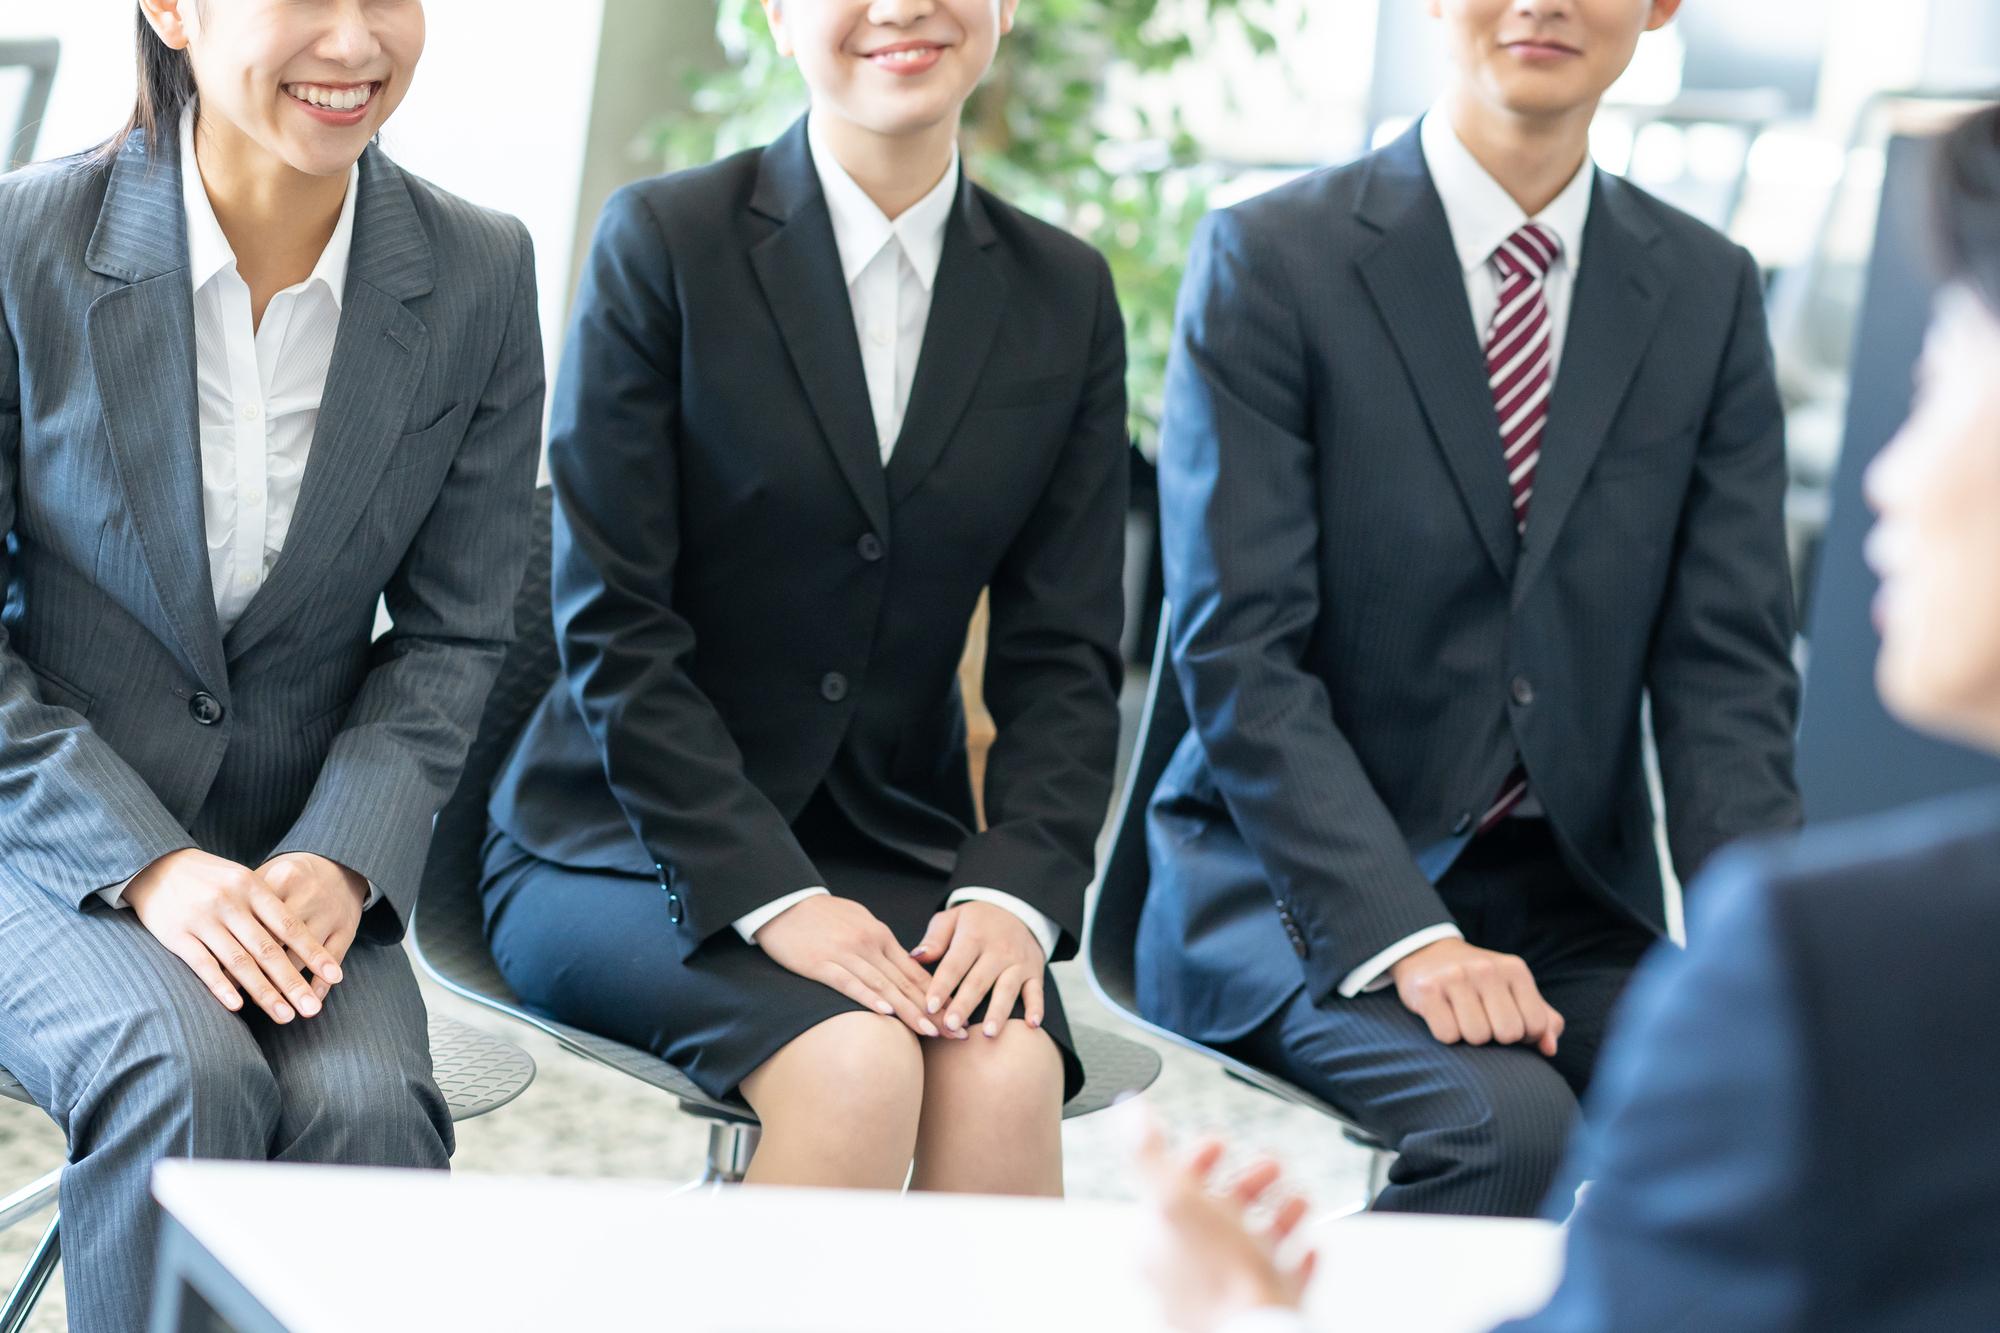 人材を見抜く面接の質問とは? 面接官になったら知っておきたい心得と質問項目例_4